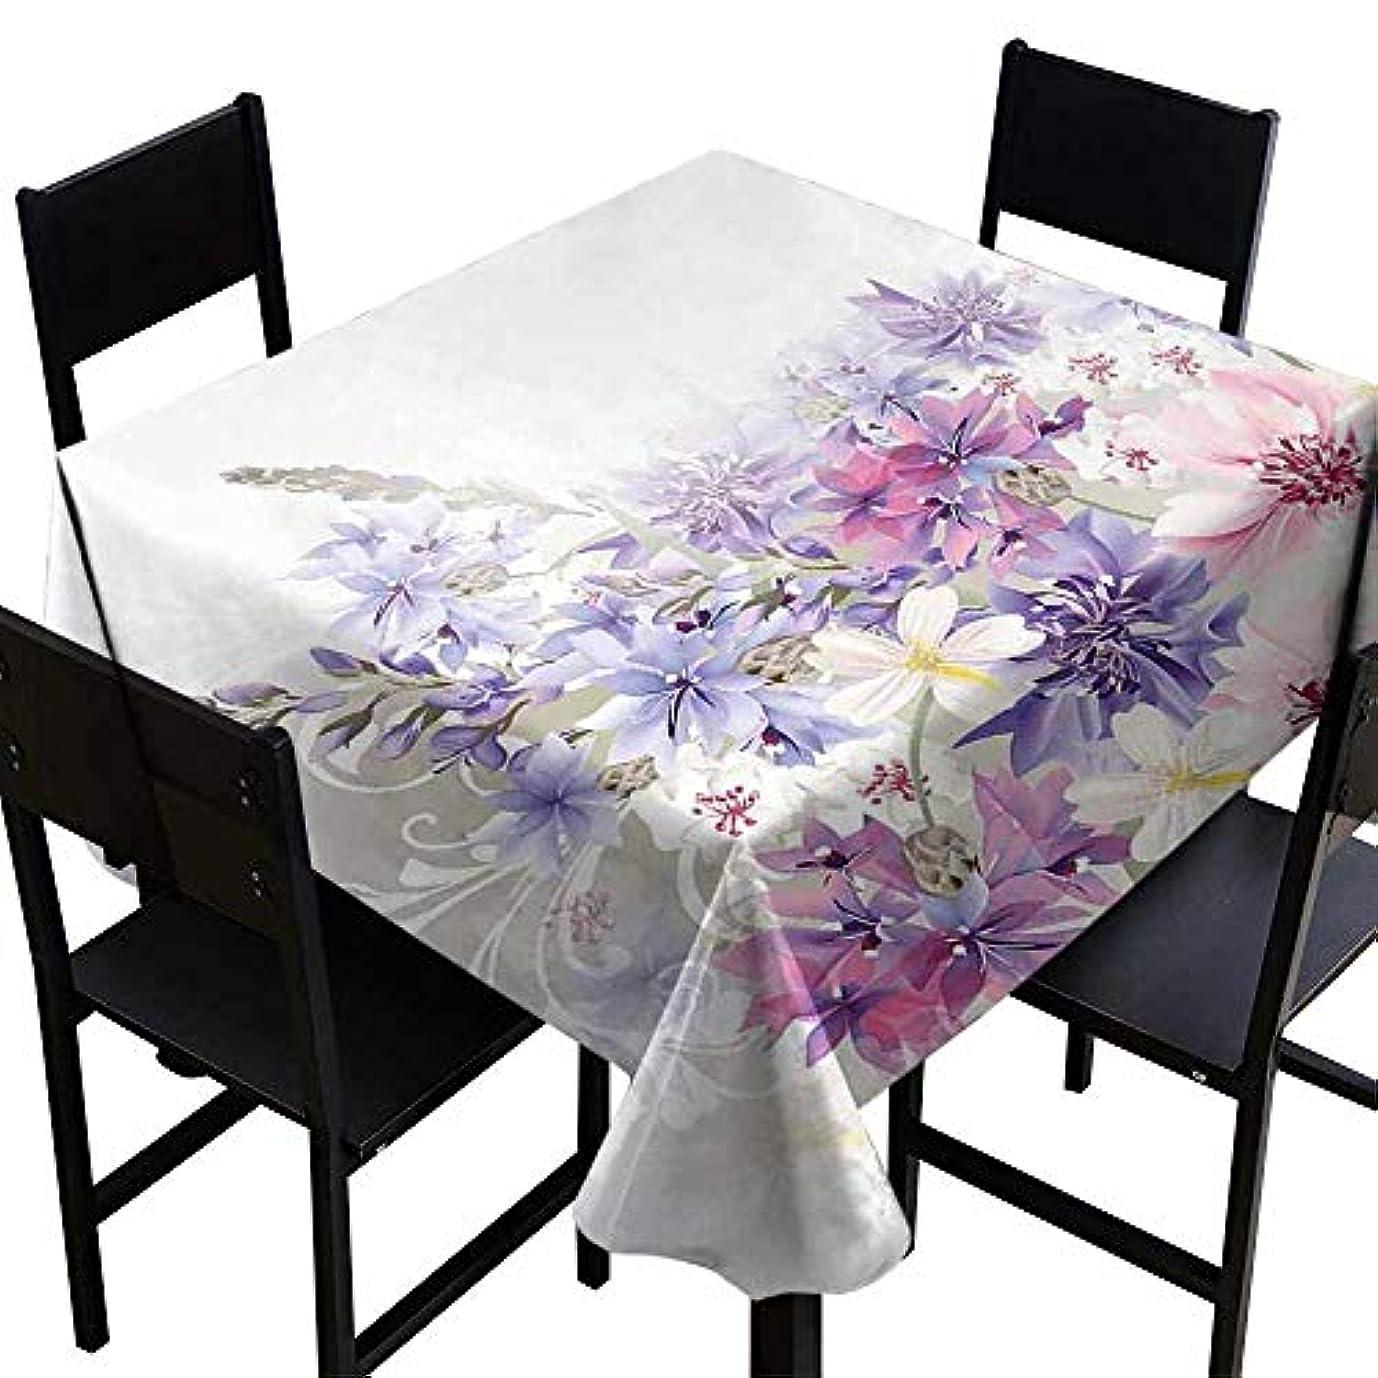 間違えた断片巨大なYSING ピクニックスクエアテーブルクロス ラベンダー 夢のような春の日 新鮮な花 アロマ デリケートな野の花 ラベンダーライラックグリーン レストランなどに最適 36 x 36 Inch(92cm*92cm)